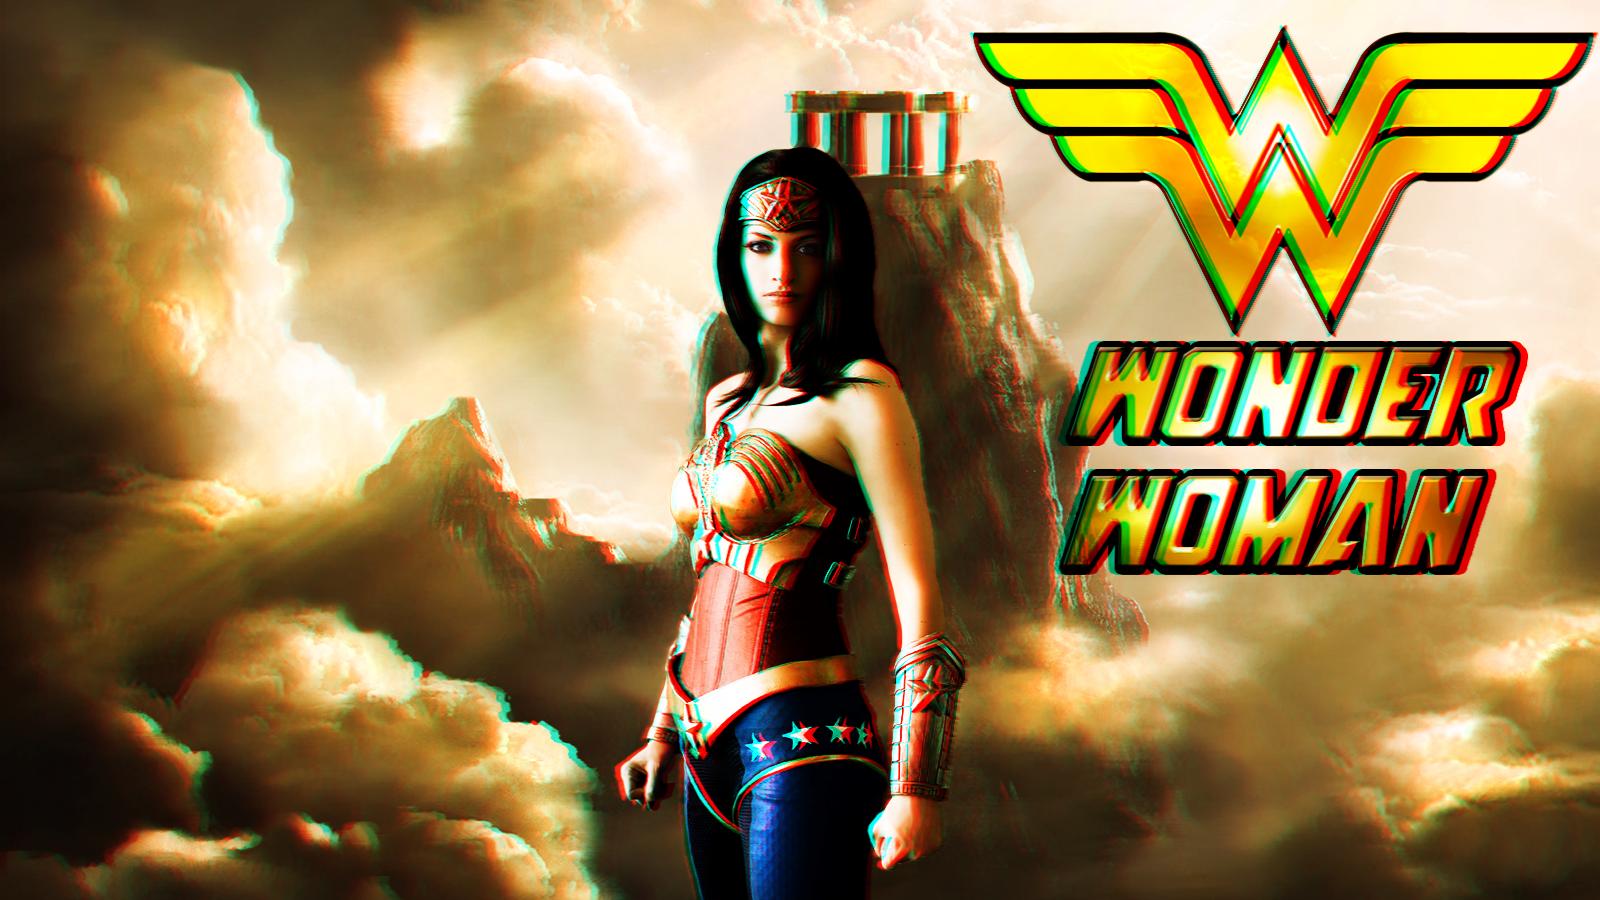 Wonder Woman cosplay wp 2 In 3D by SWFan1977